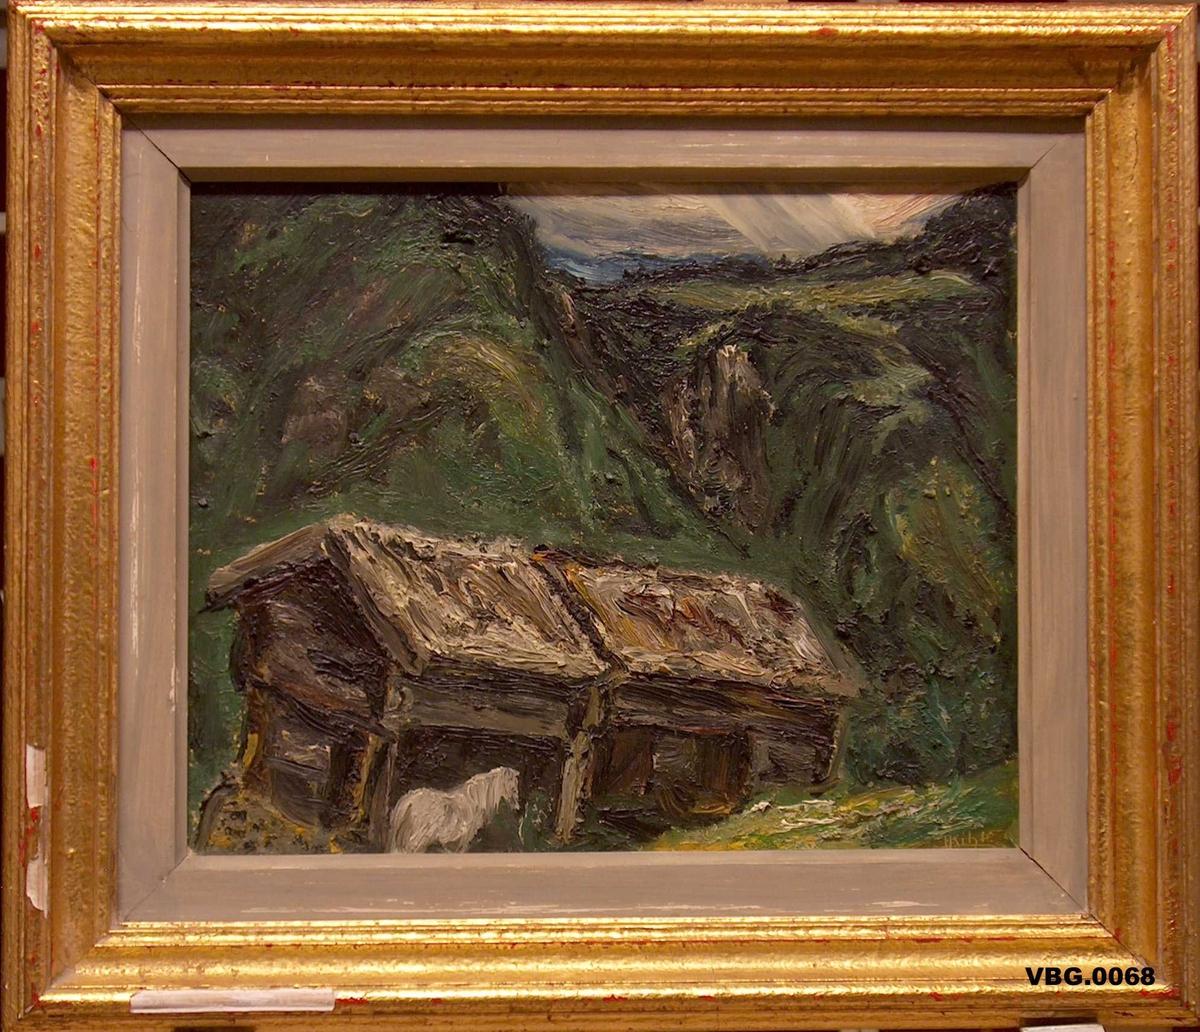 Gamalt hus med kvit hest framføre. Åsar i bakgrunnen.